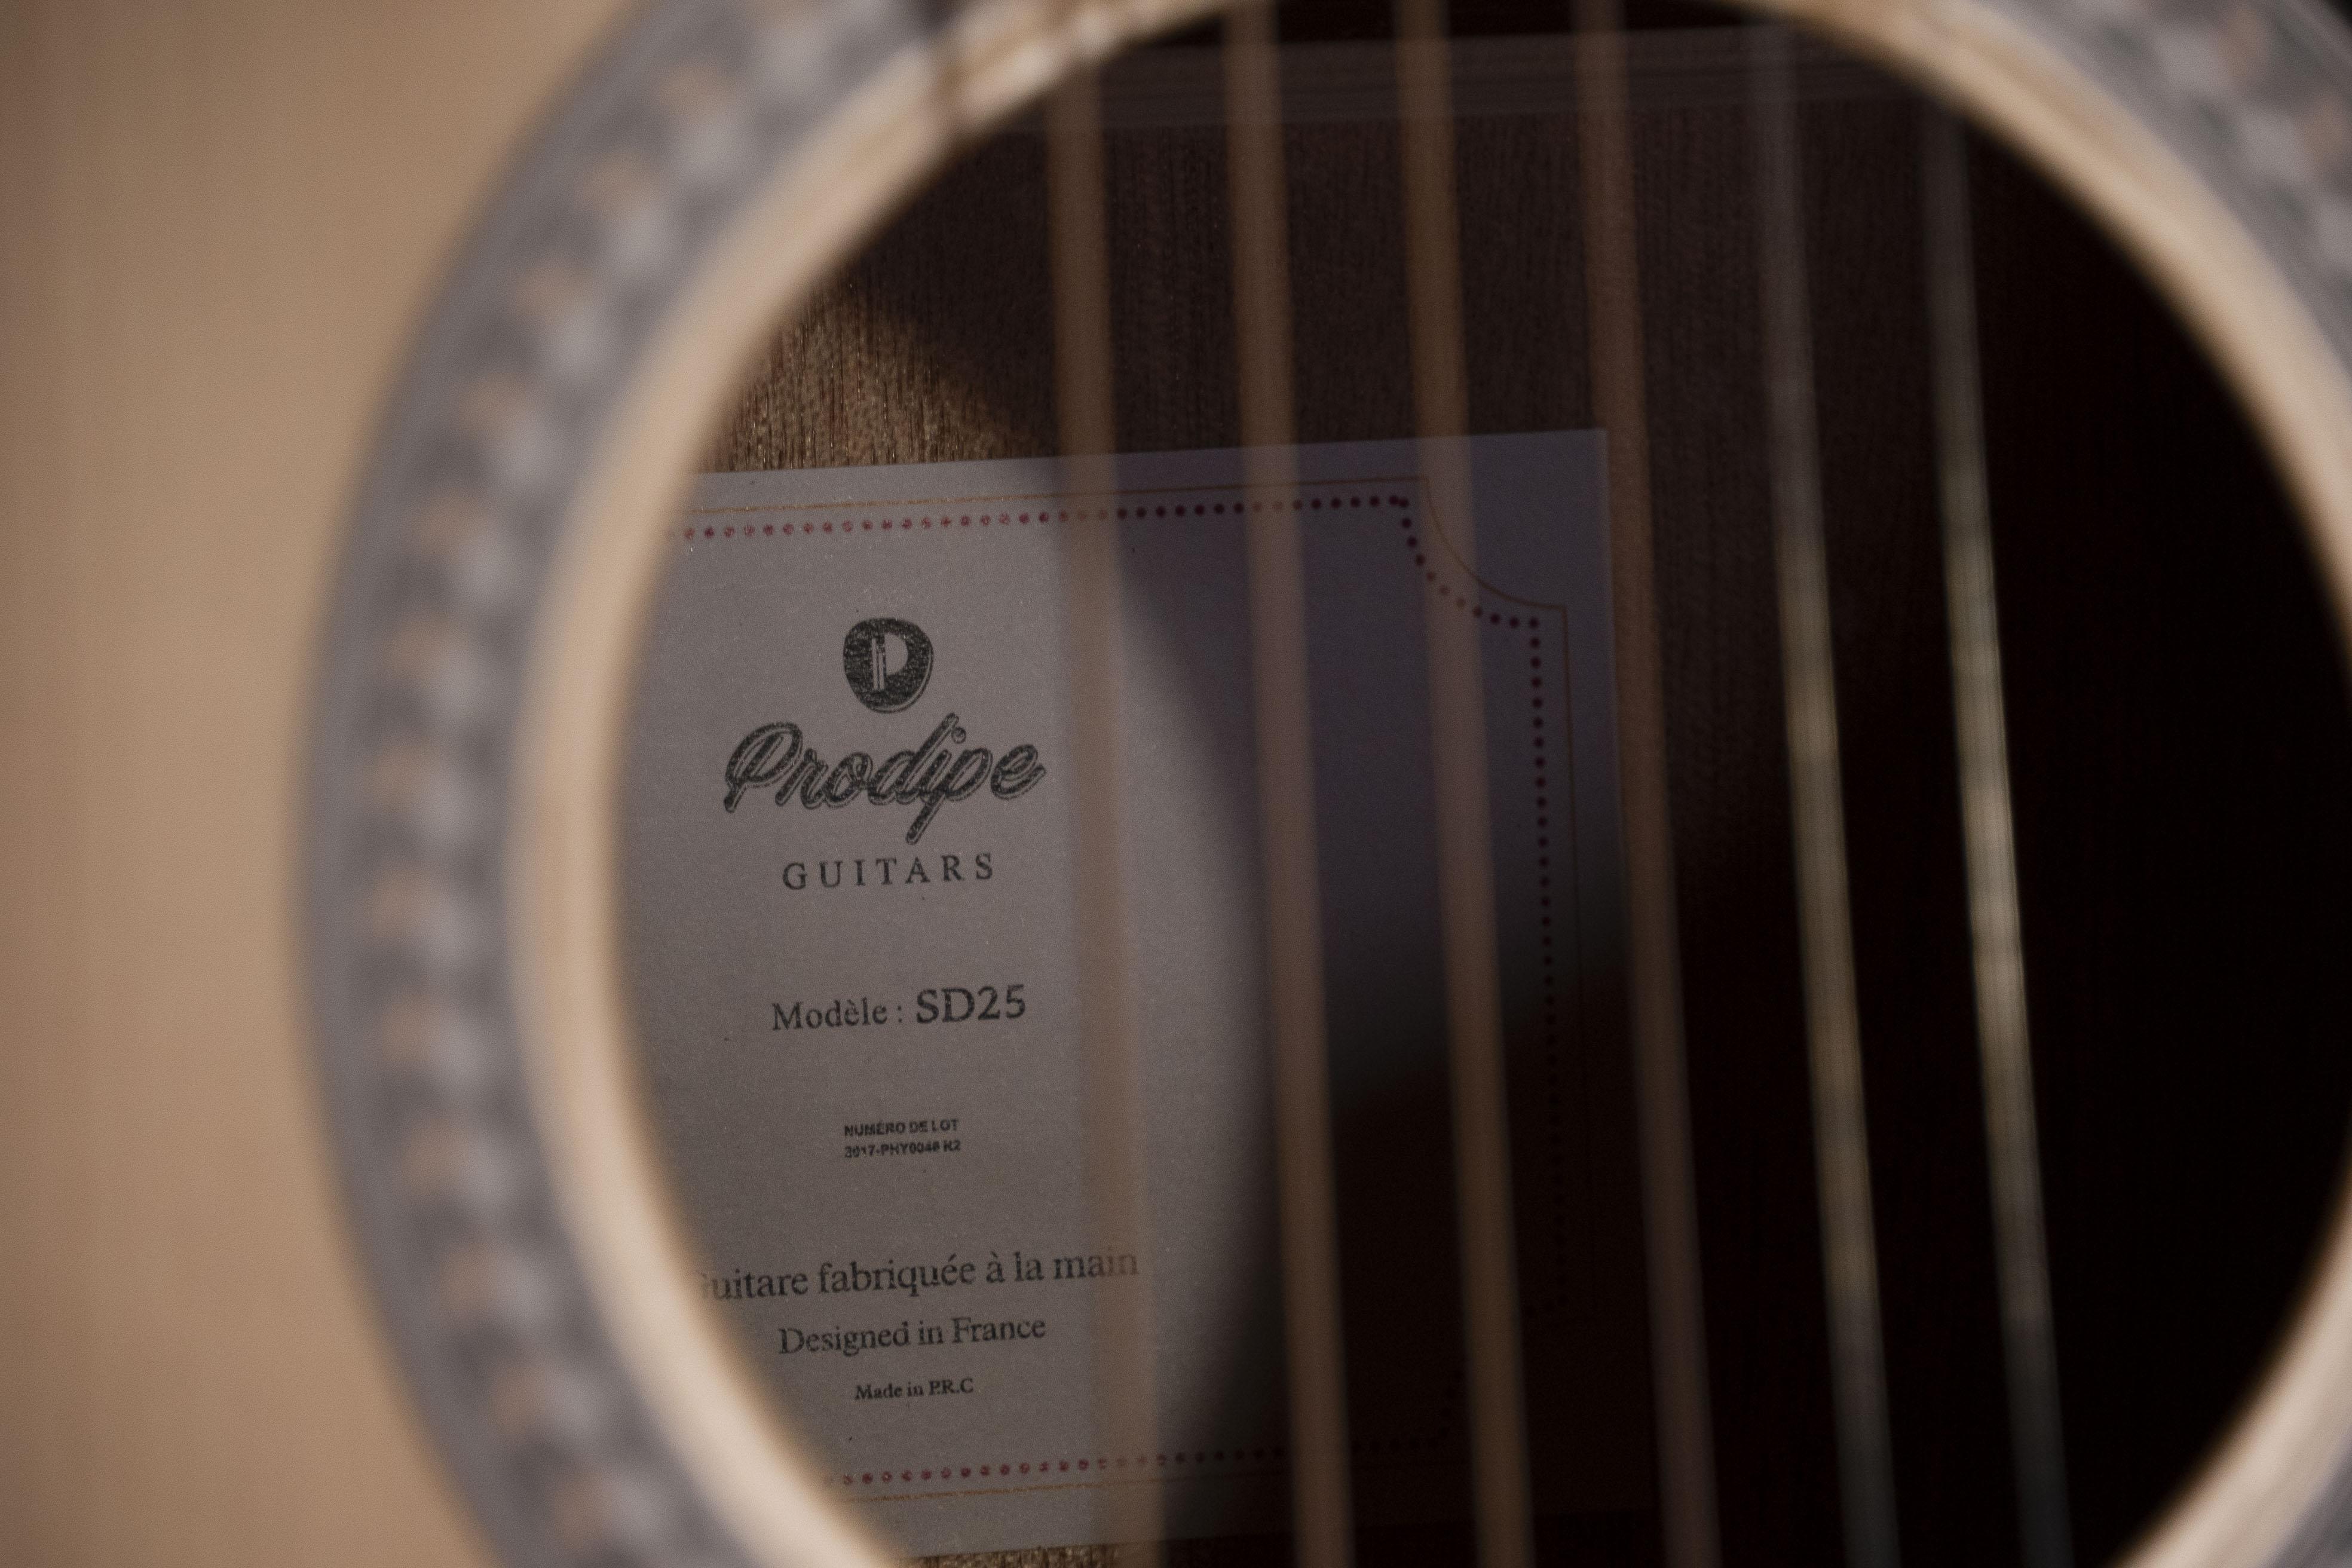 Guitares & co - GUITARES ACOUSTIQUES - 6 CORDES - Prodipe - Guitare SD25 Prodipe - Royez Musik